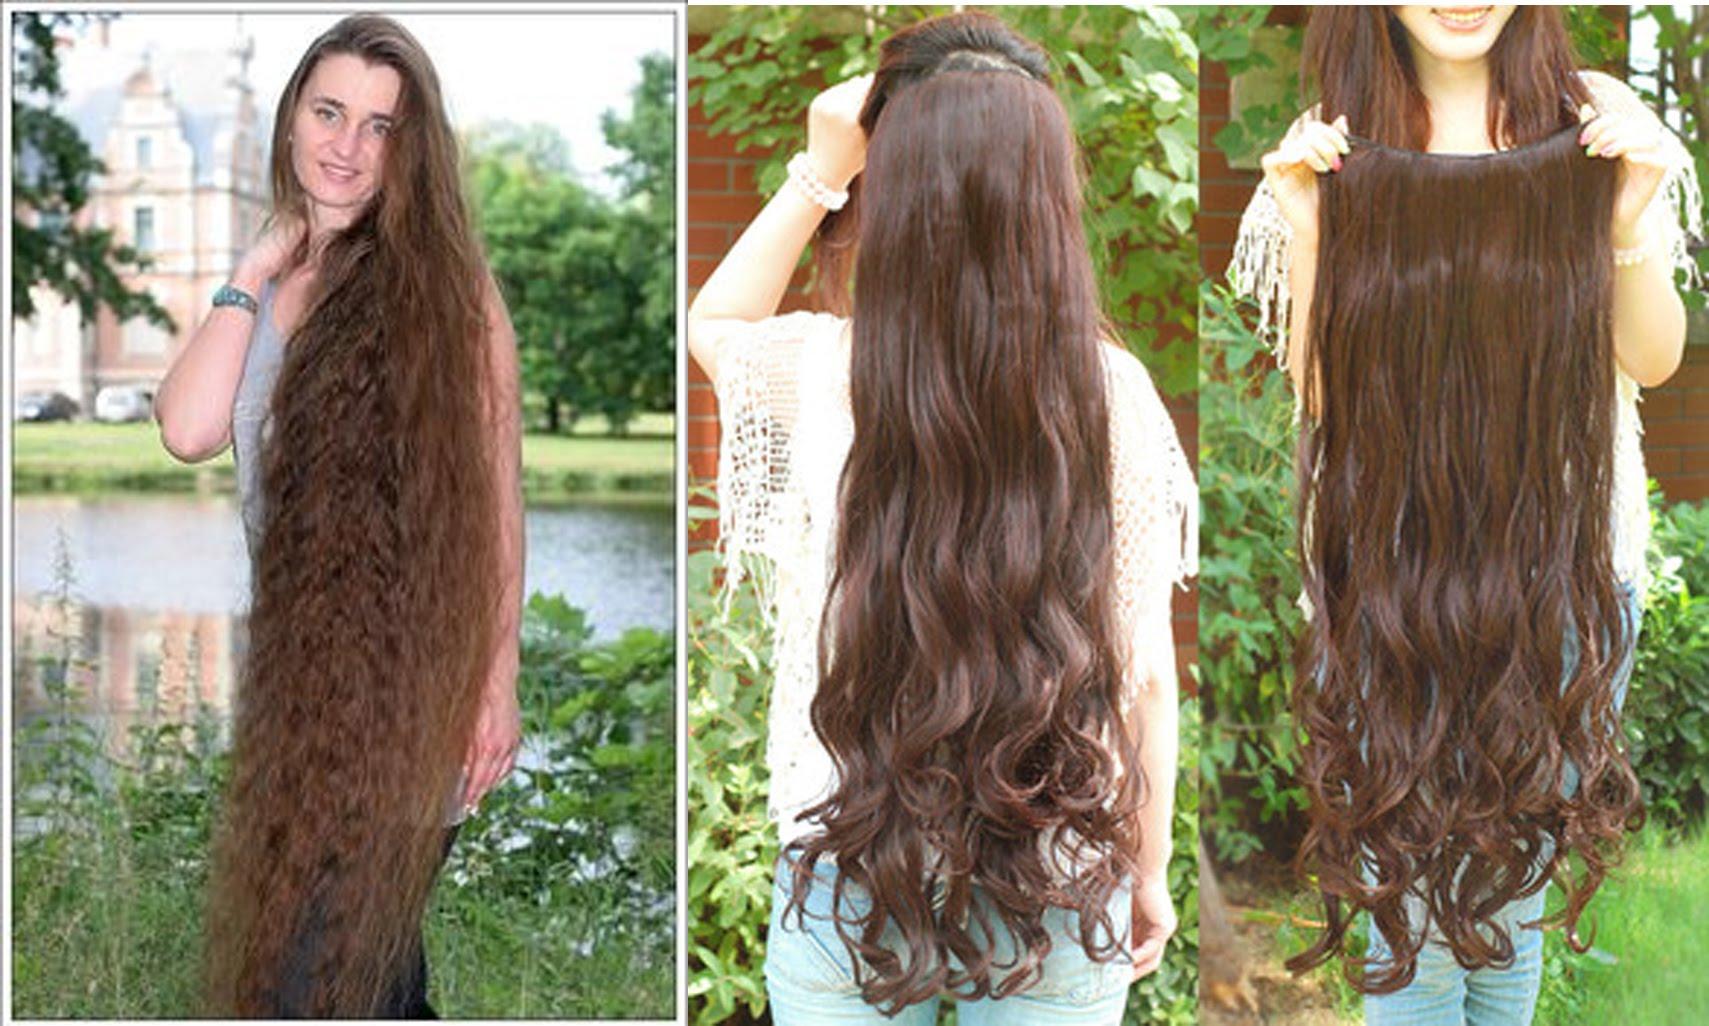 صور وصفات مجربة للعناية بشعرك وتطويله وتنعيمه , ضمان من خبيرات الشعر